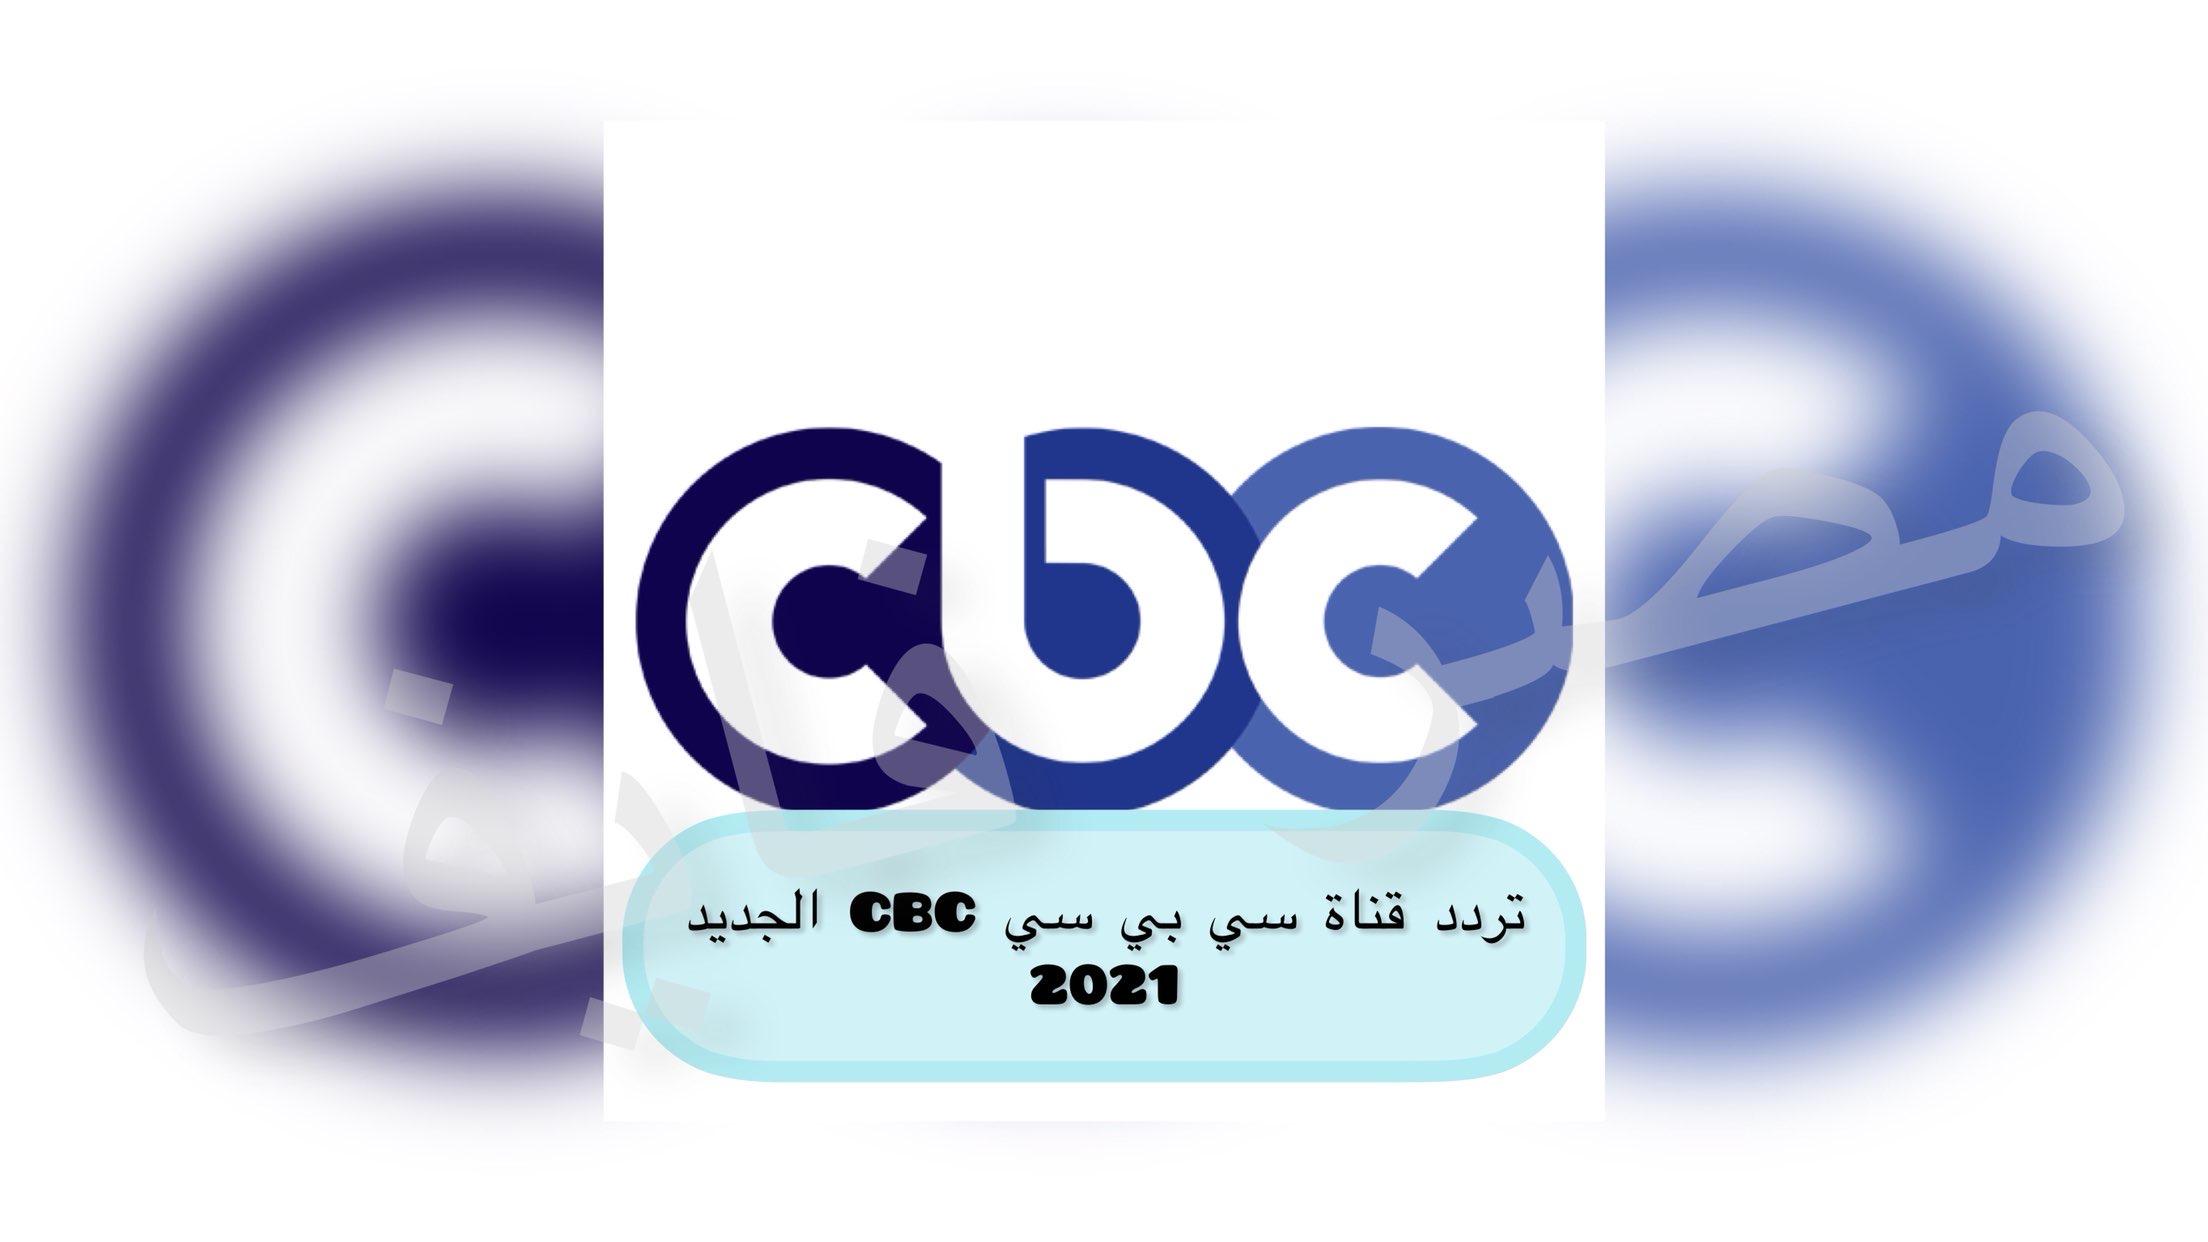 خطوات ضبط تردد قناة سي بي سي CBC الجديد على النايل سات 2021